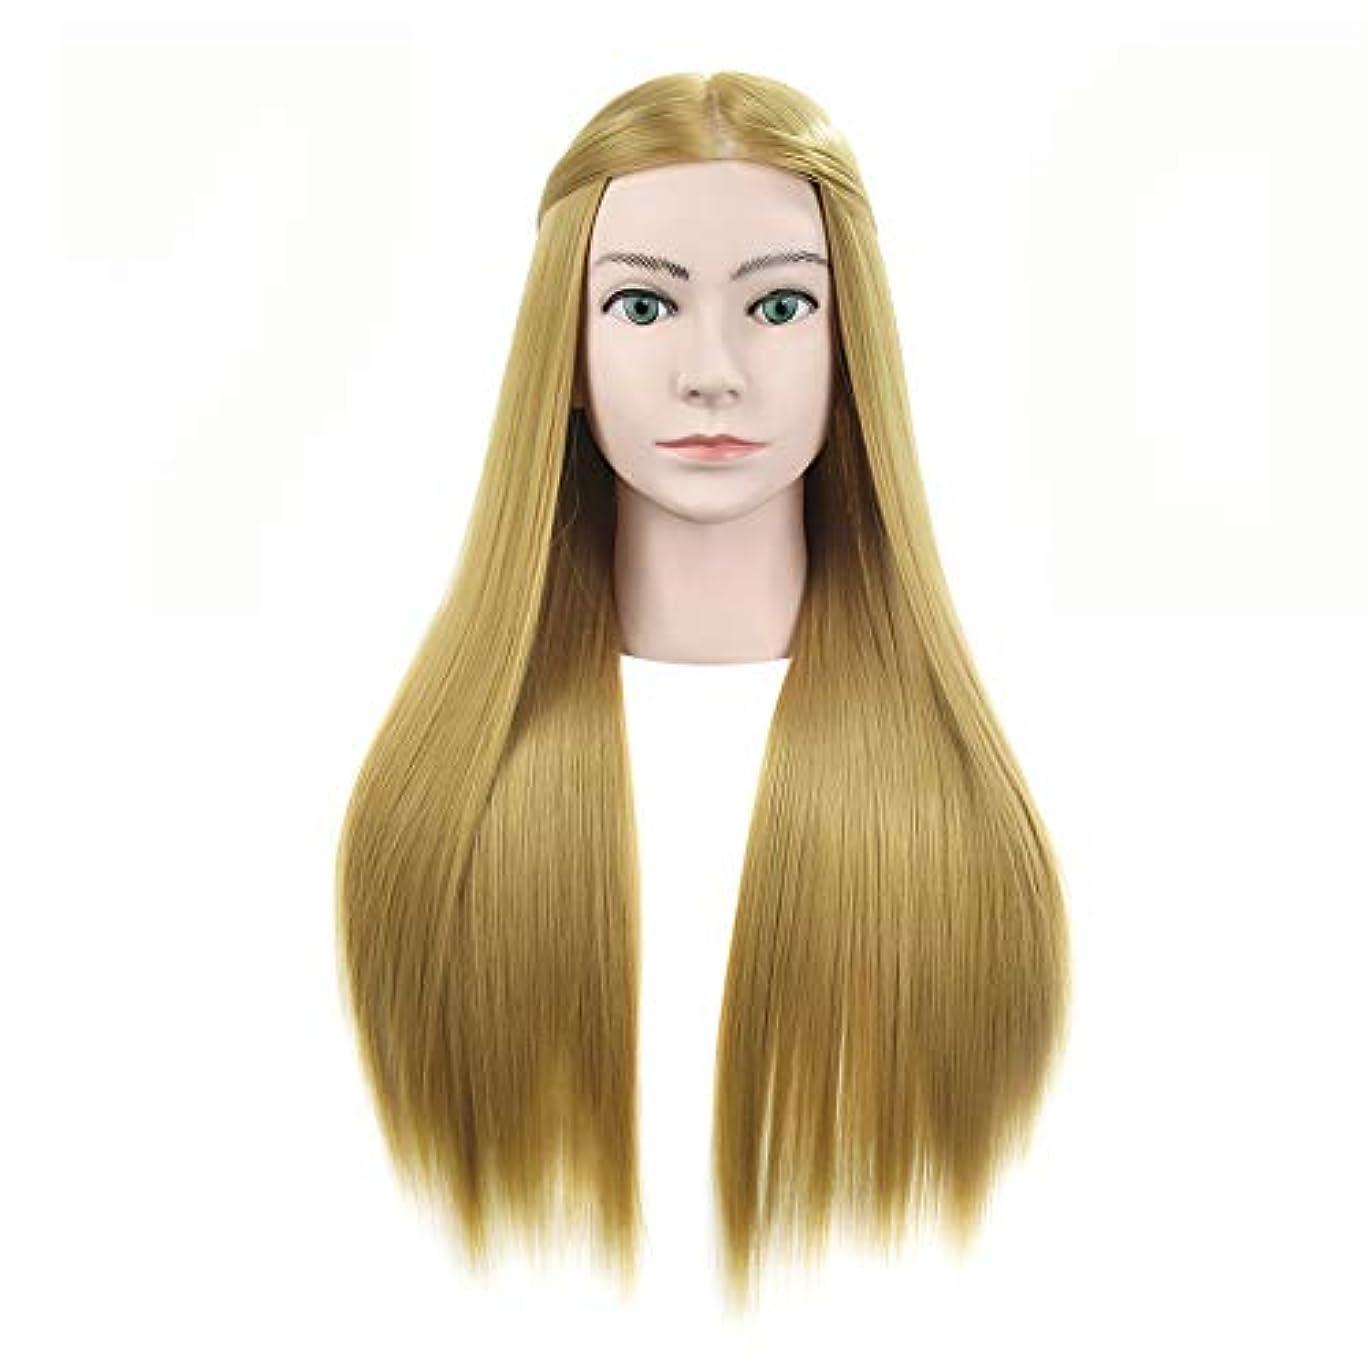 言語雪だるま下向きメイクディスクヘアスタイリング編み教育ダミーヘッドサロンエクササイズヘッド金型理髪ヘアカットトレーニングかつら